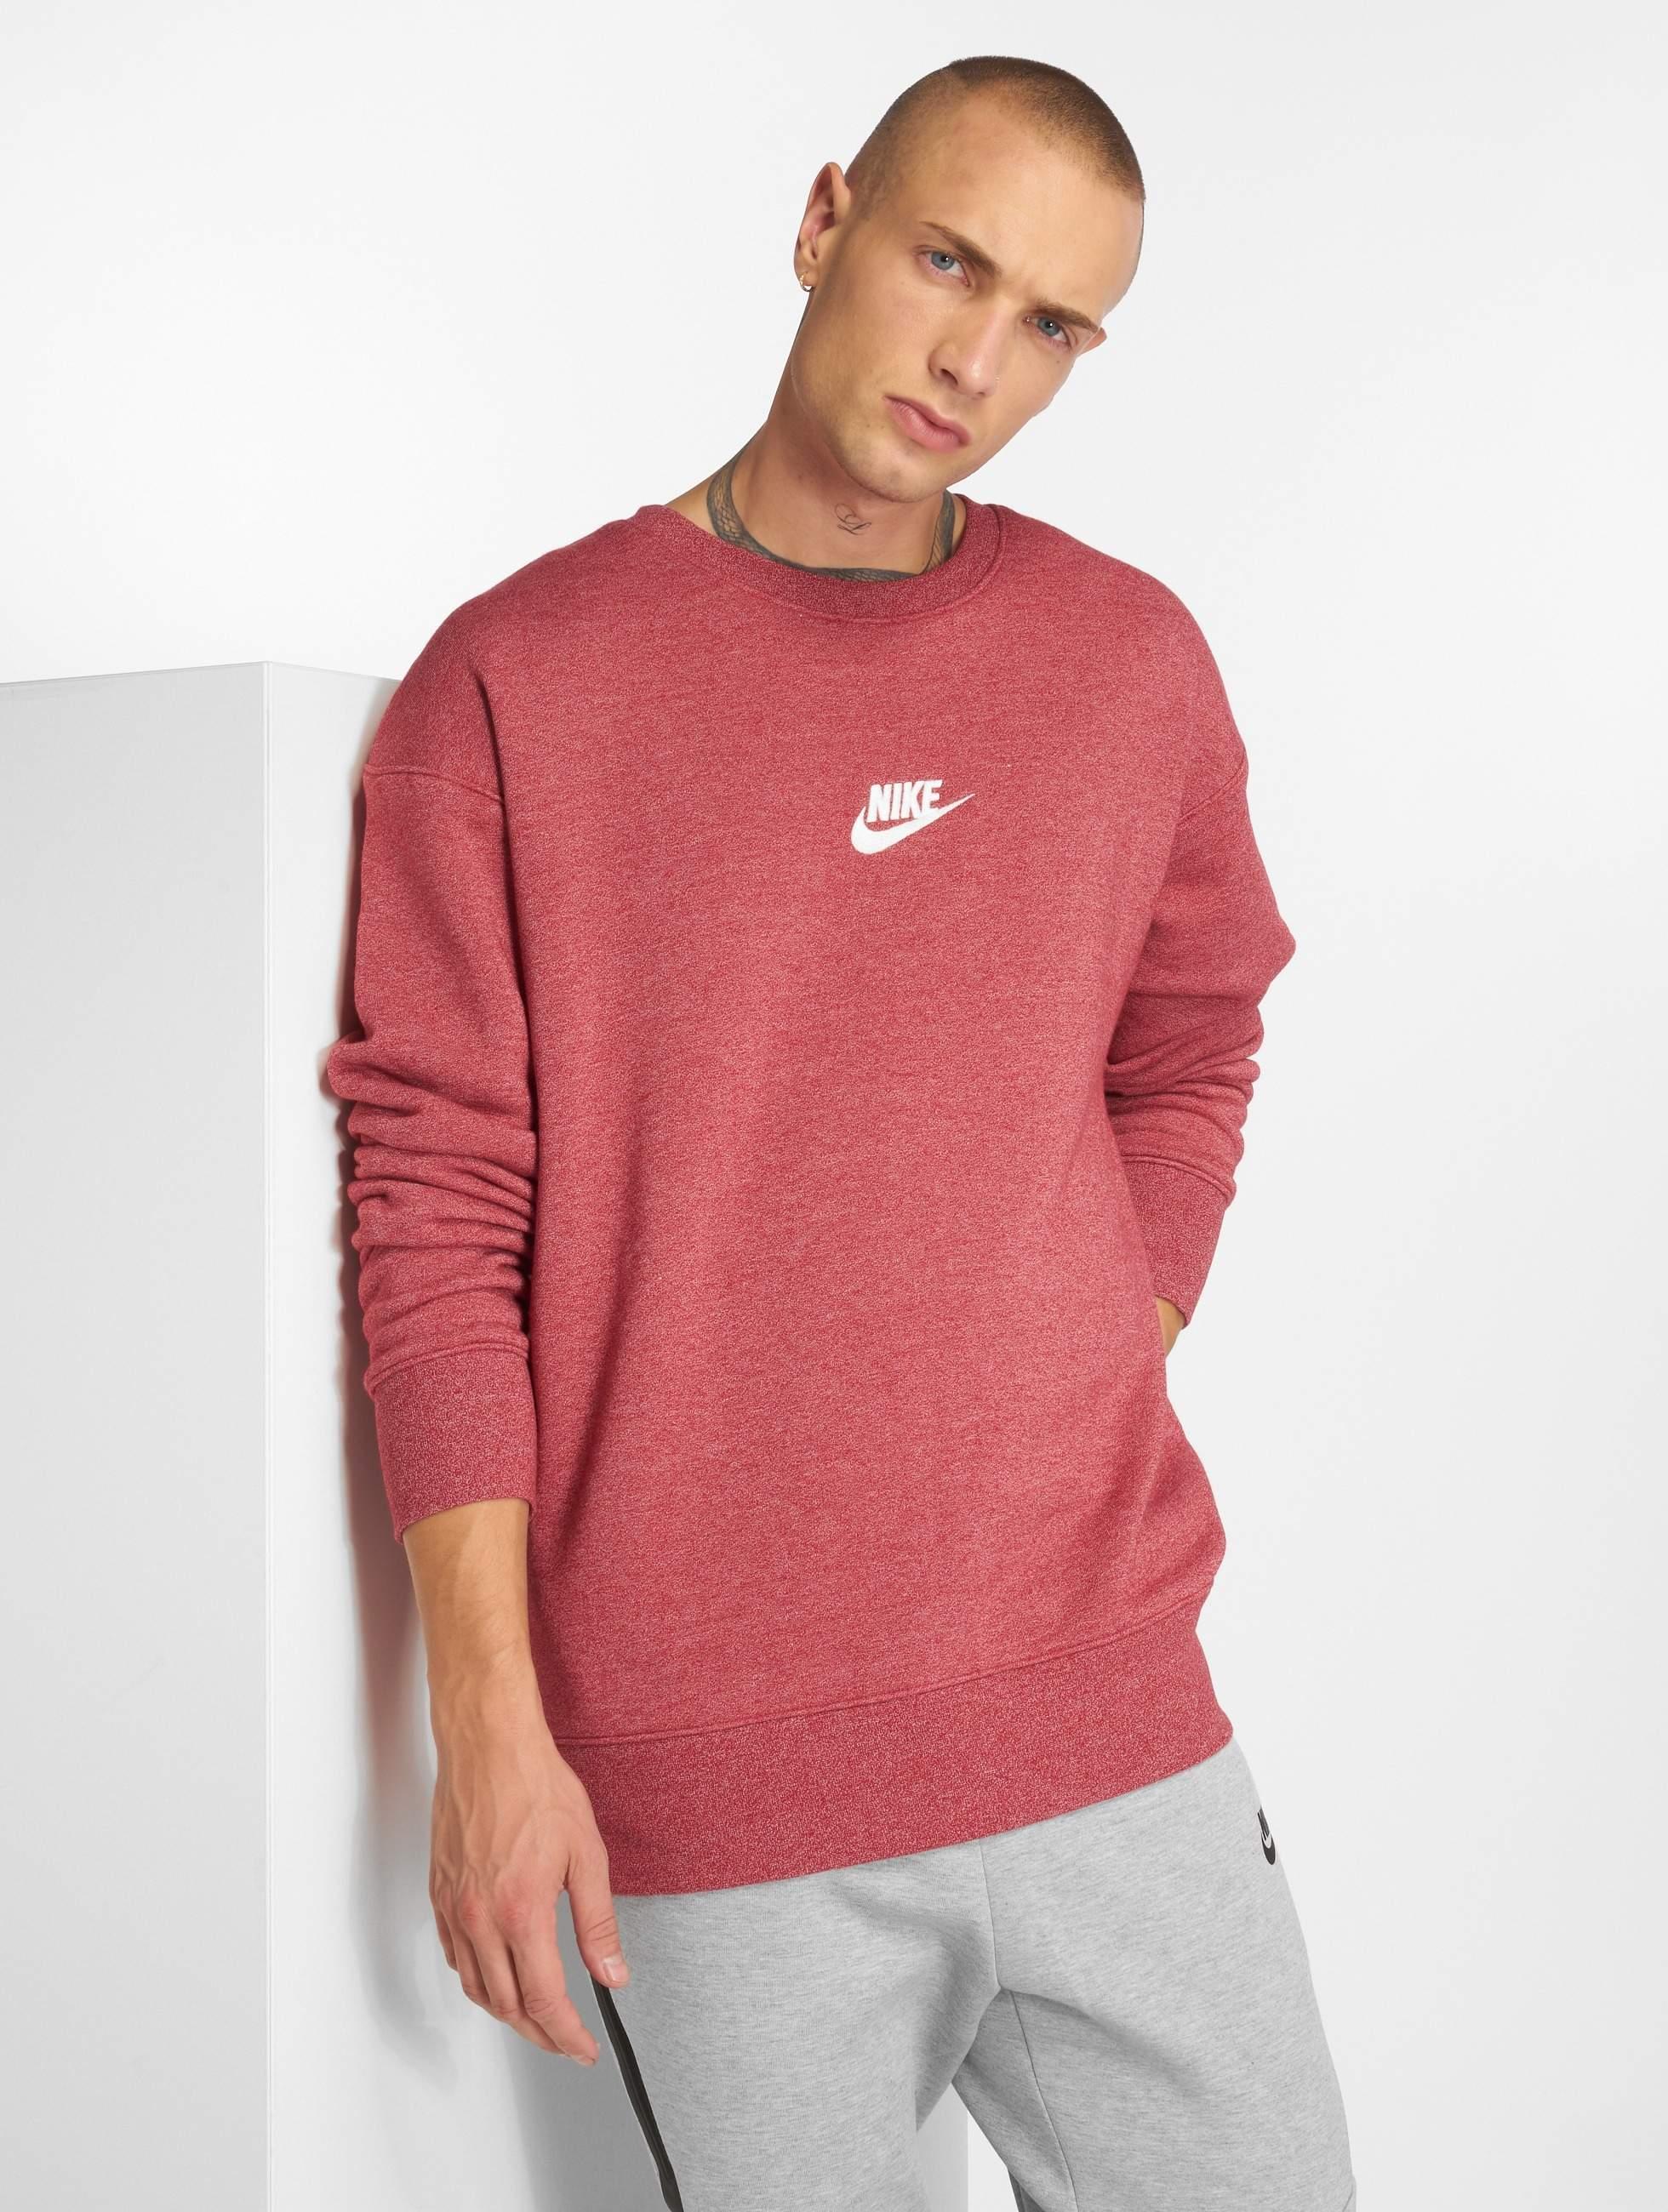 8462278a9c608 Nike Herren Pullover Sportswear Heritage in rot 500900